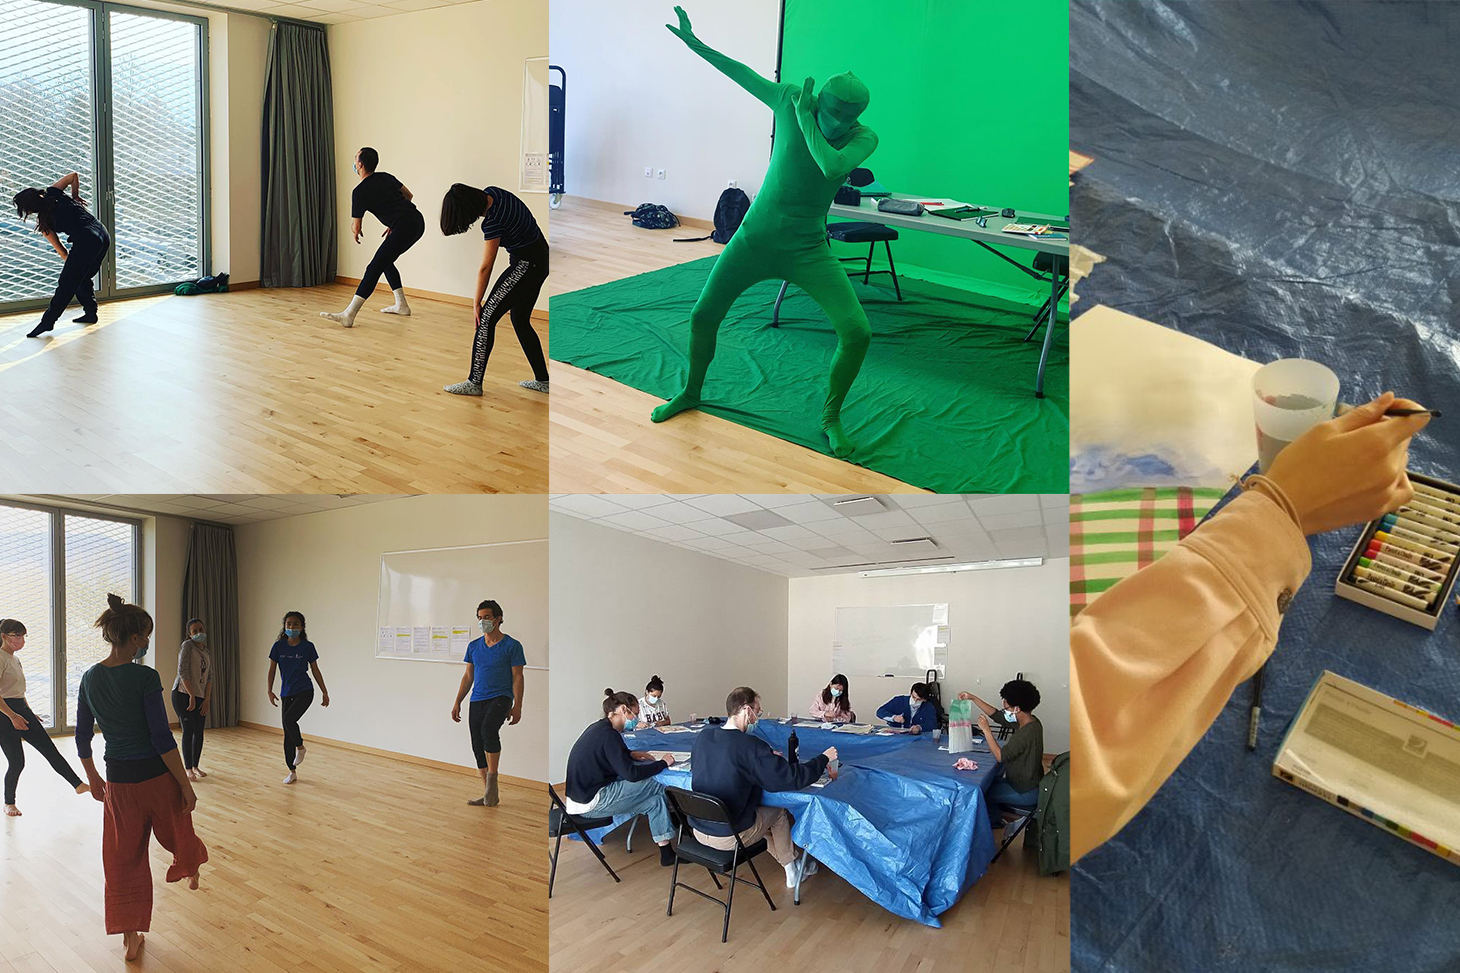 Les ateliers de pratiques artistiques